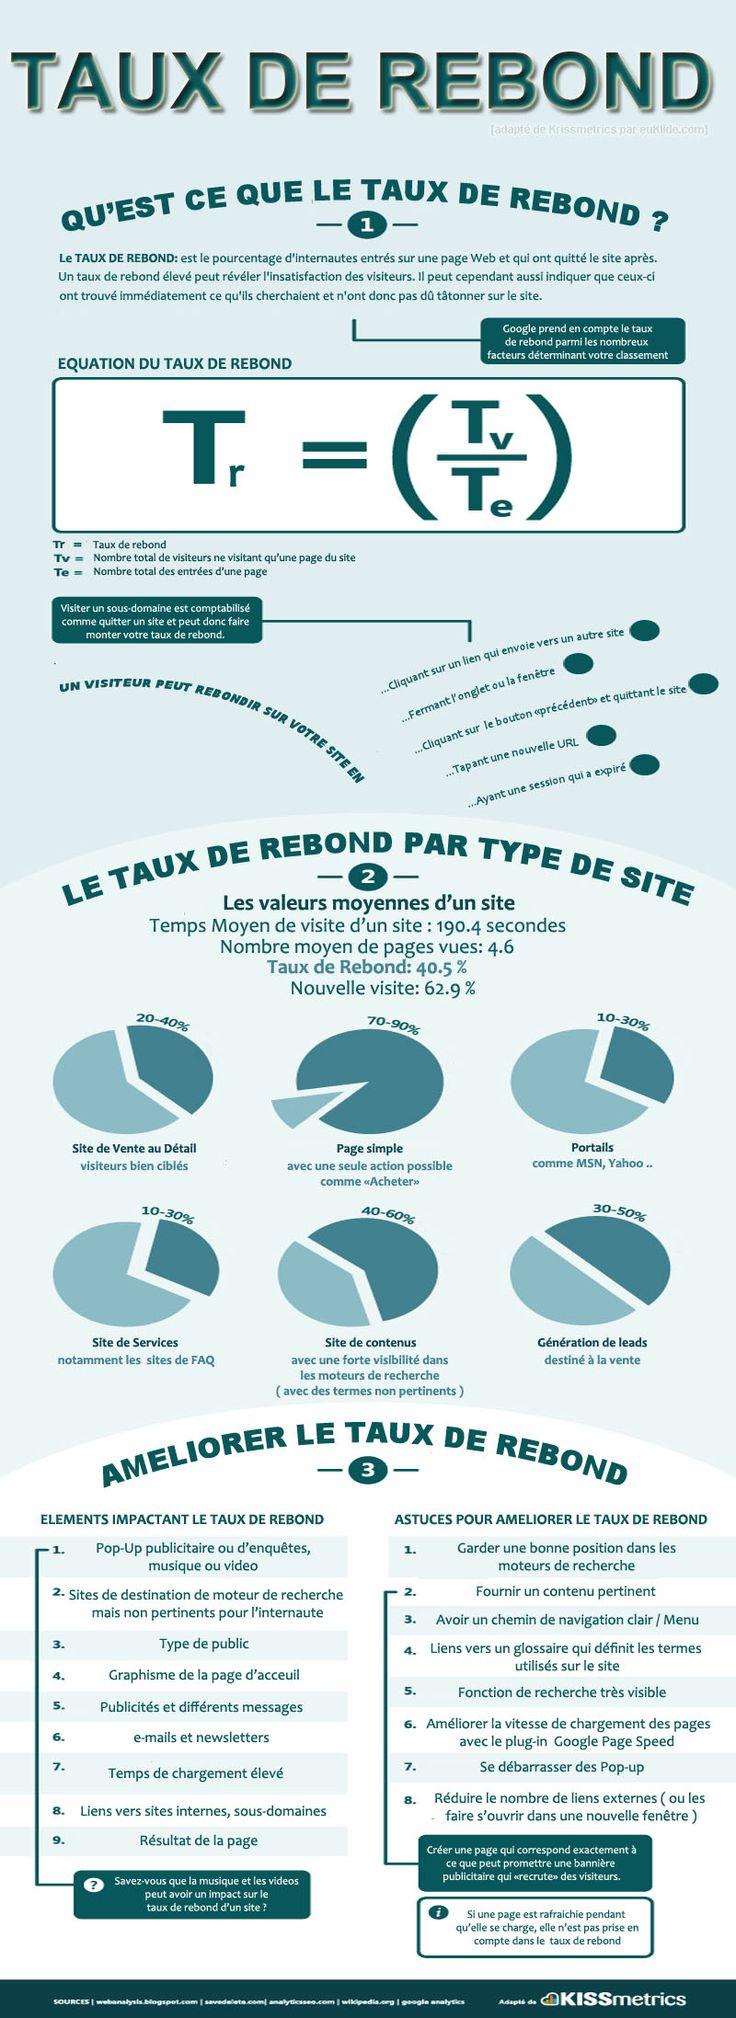 Comprendre le taux de rebond en une infographie (en français) - Geeks and Com' #SEO #référencement #webmarketing : http://akinet.fr